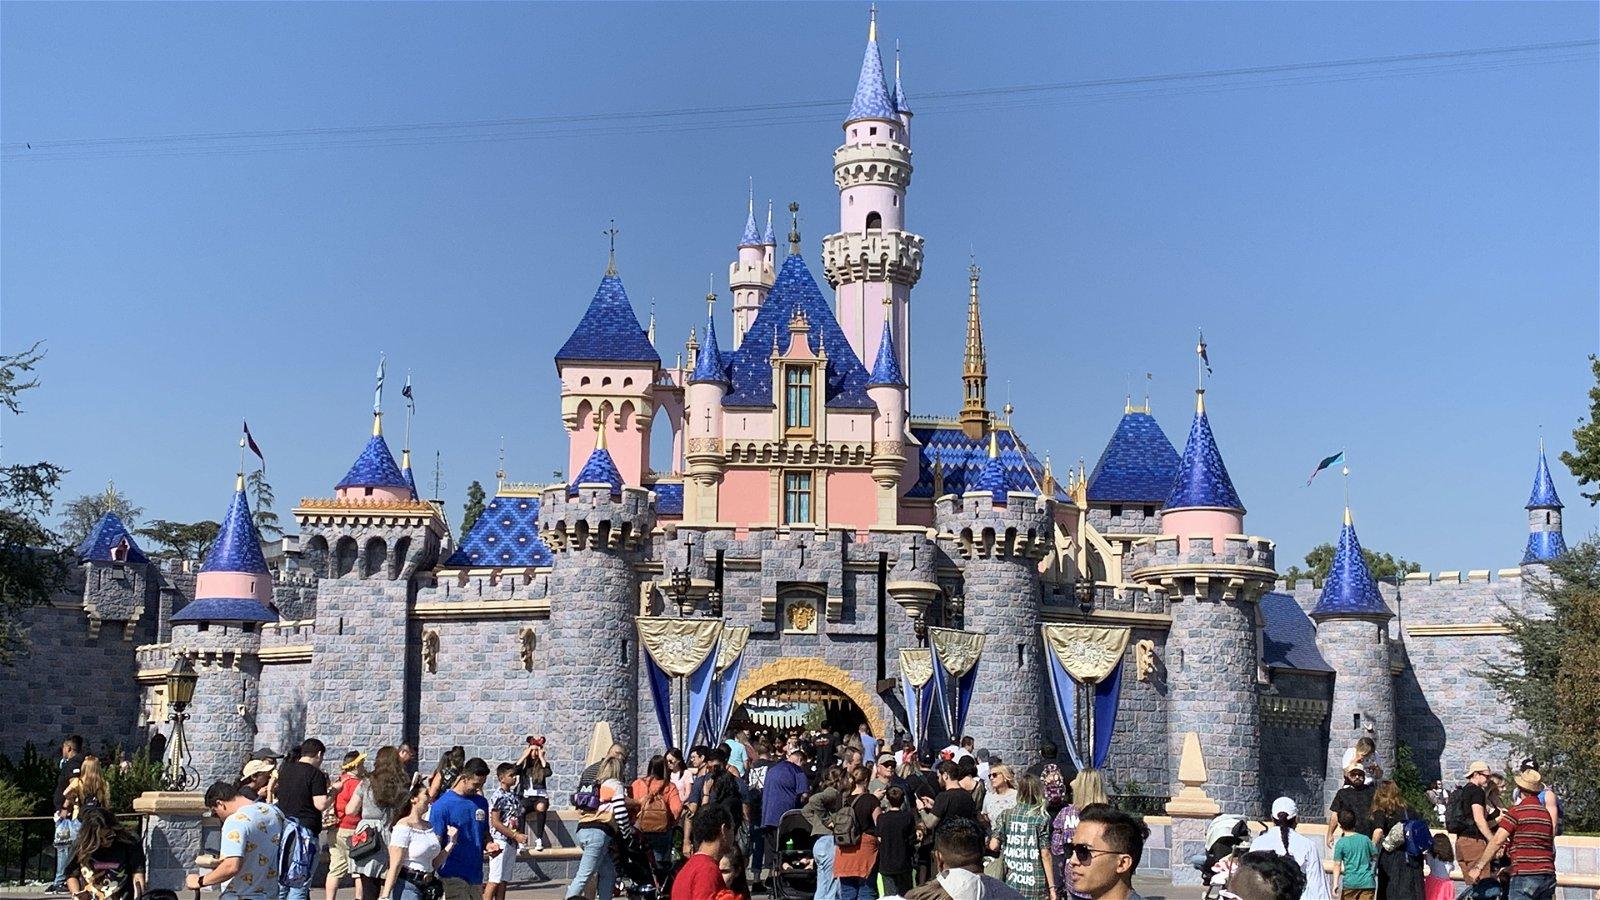 Disneyland Reopening on April 30